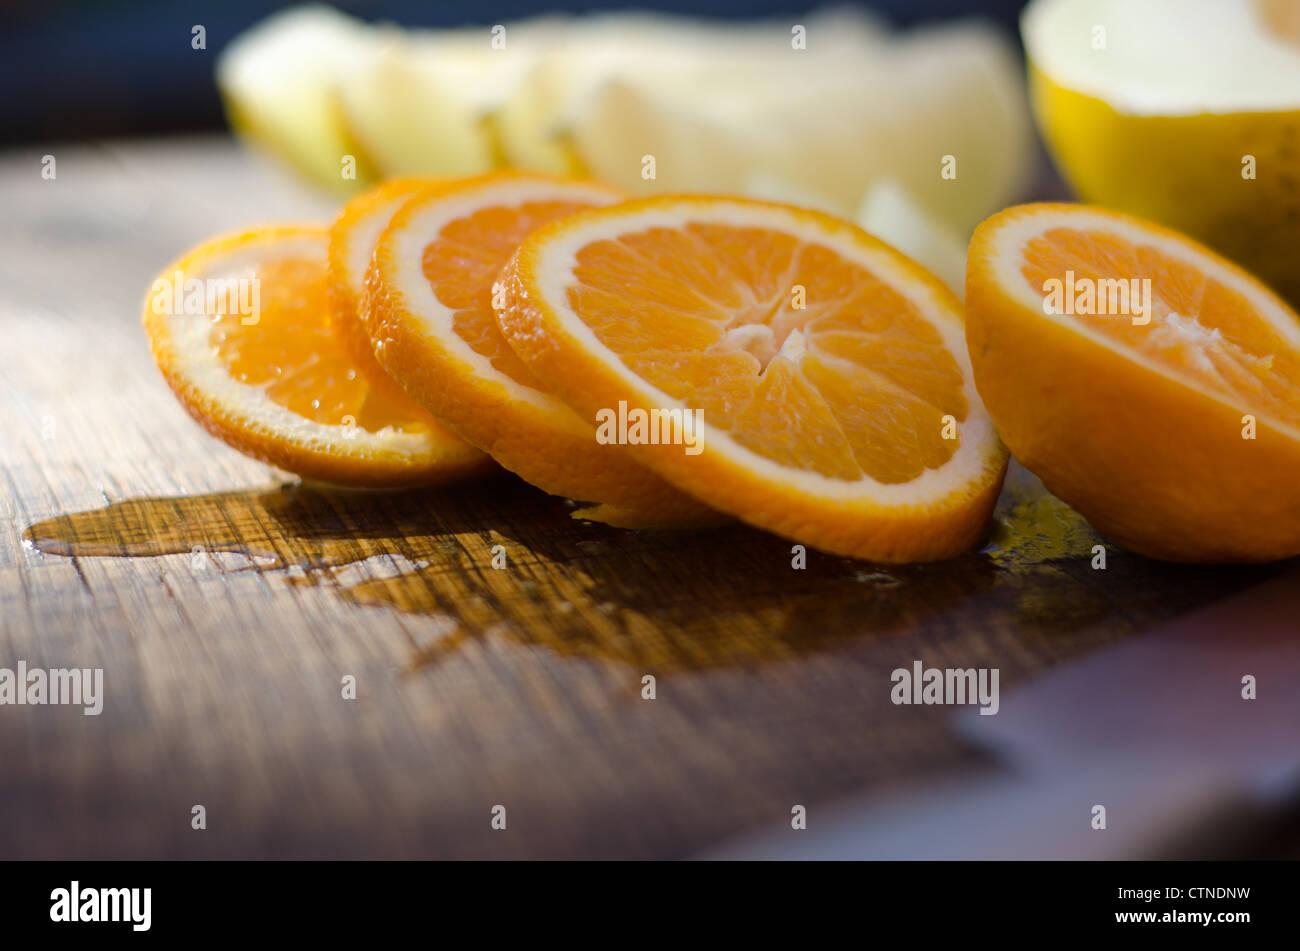 Rodajas de naranja recién cortadas en un tablero de roble con fuera de foco melón en segundo plano. Imagen De Stock